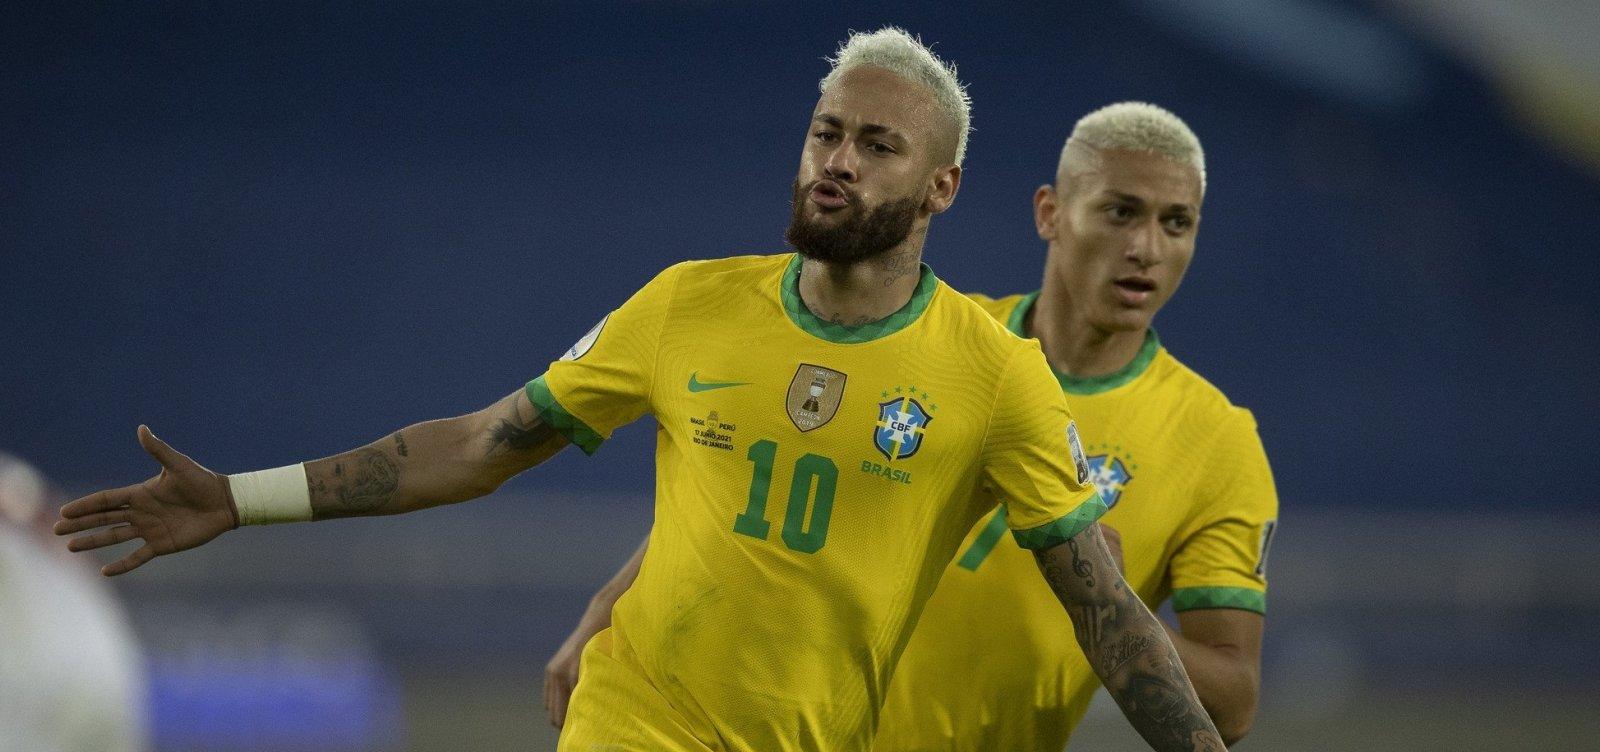 Com Neymar emocionado, Seleção comemora goleada e já pensa na Colômbia